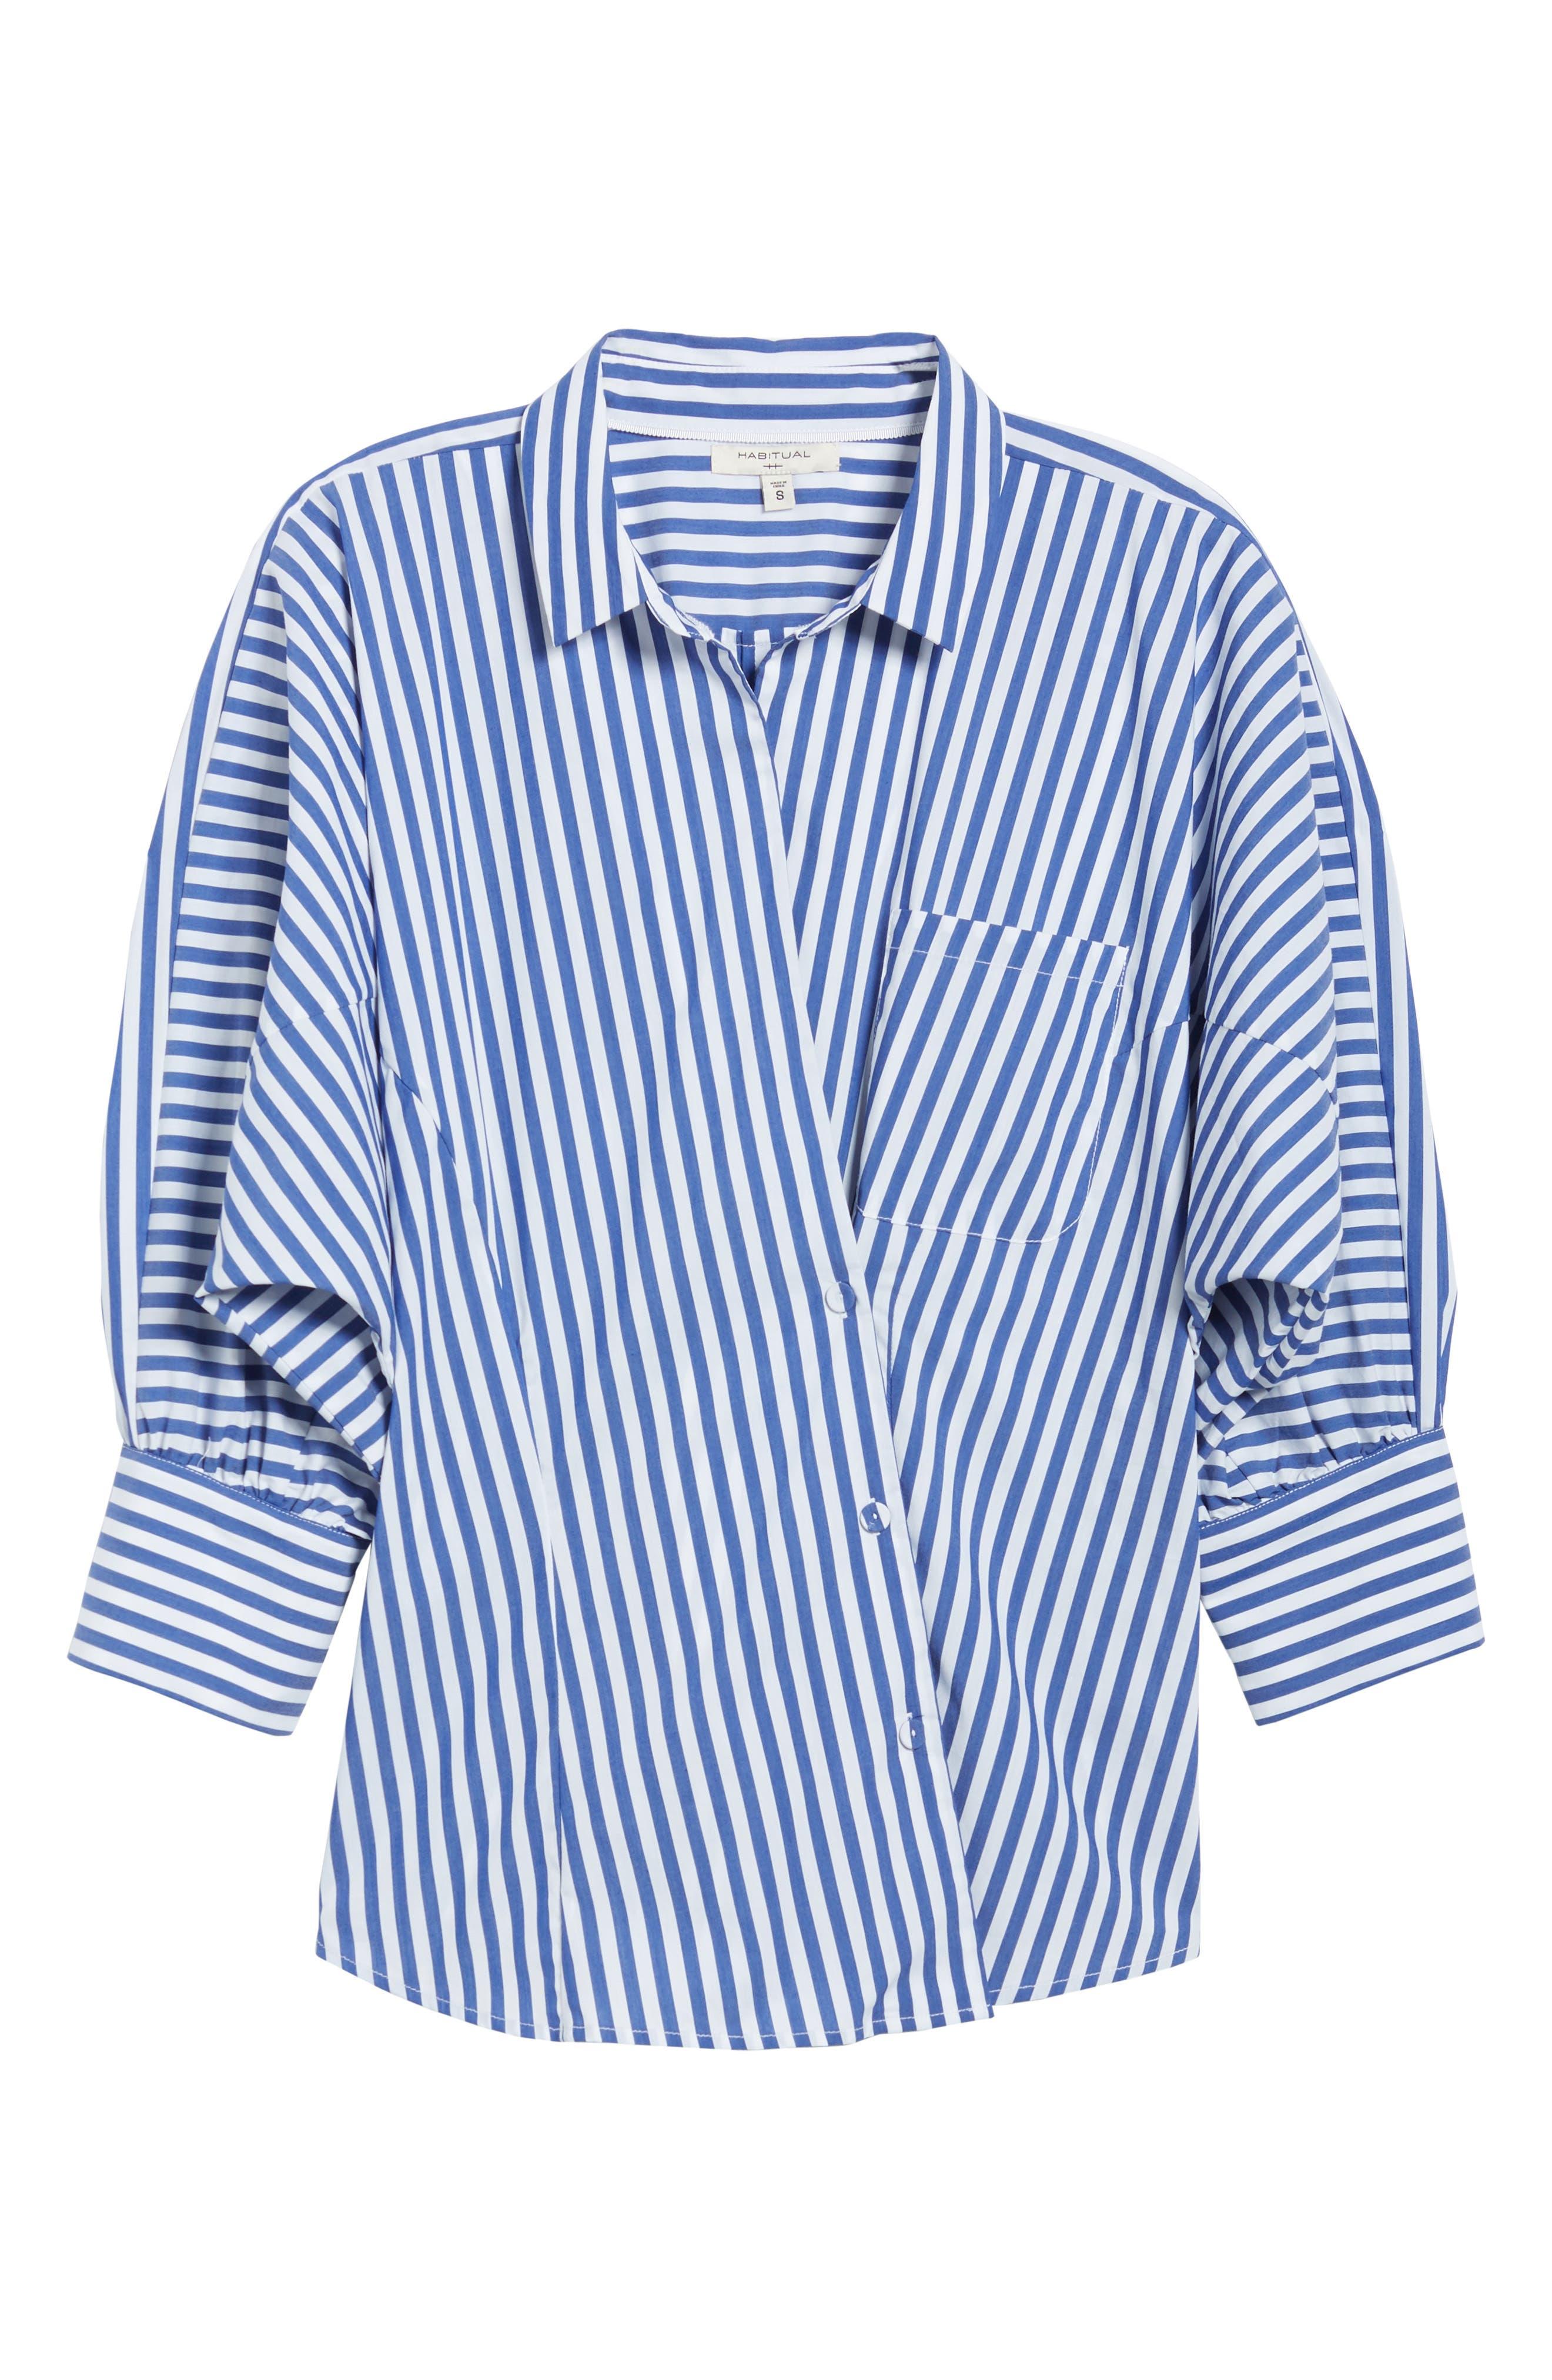 Asymmetrical Stripe Blouse,                             Alternate thumbnail 7, color,                             495